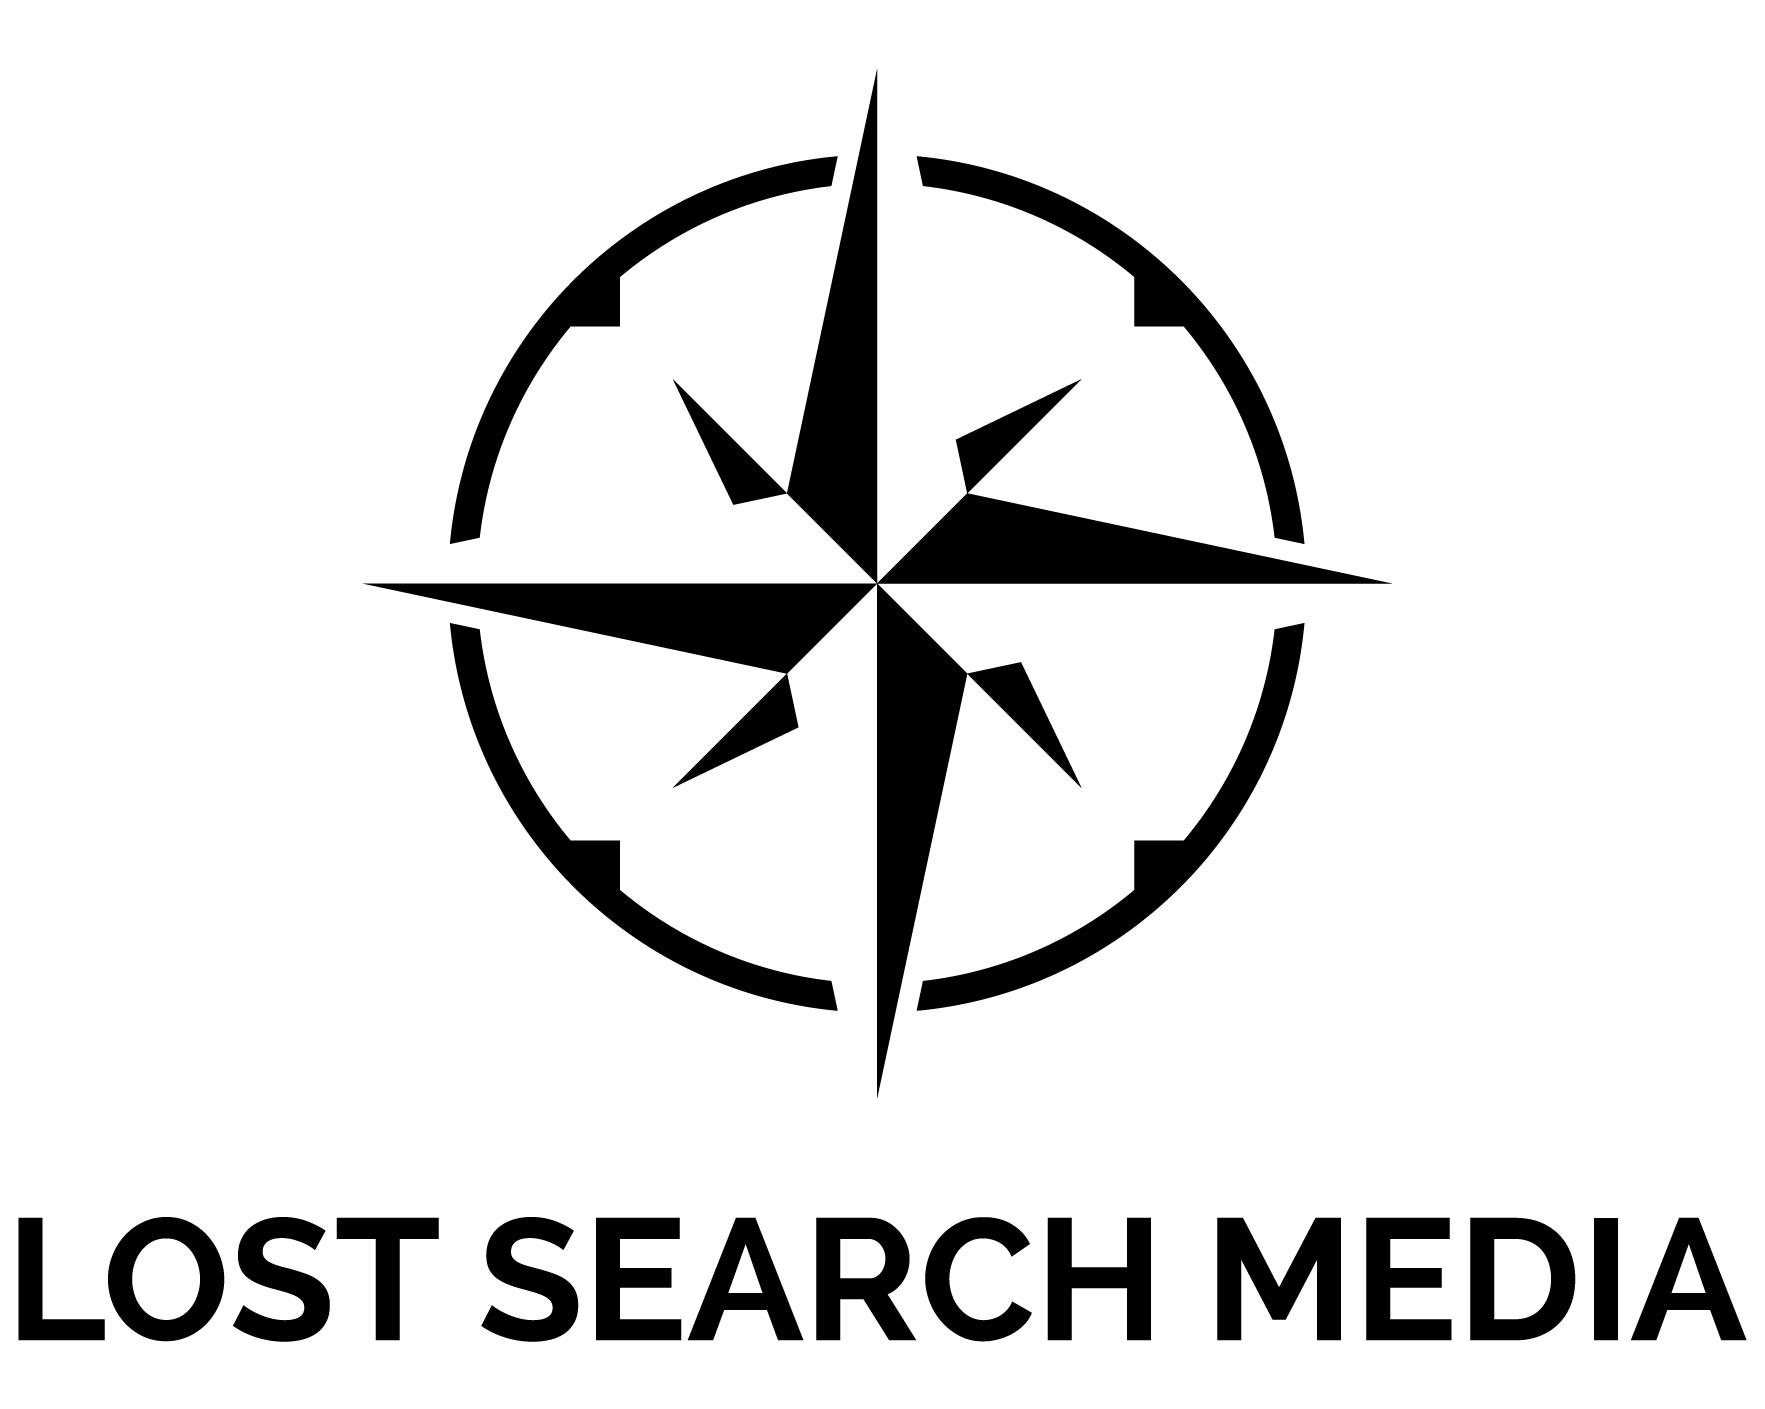 Lost Search Media Logo